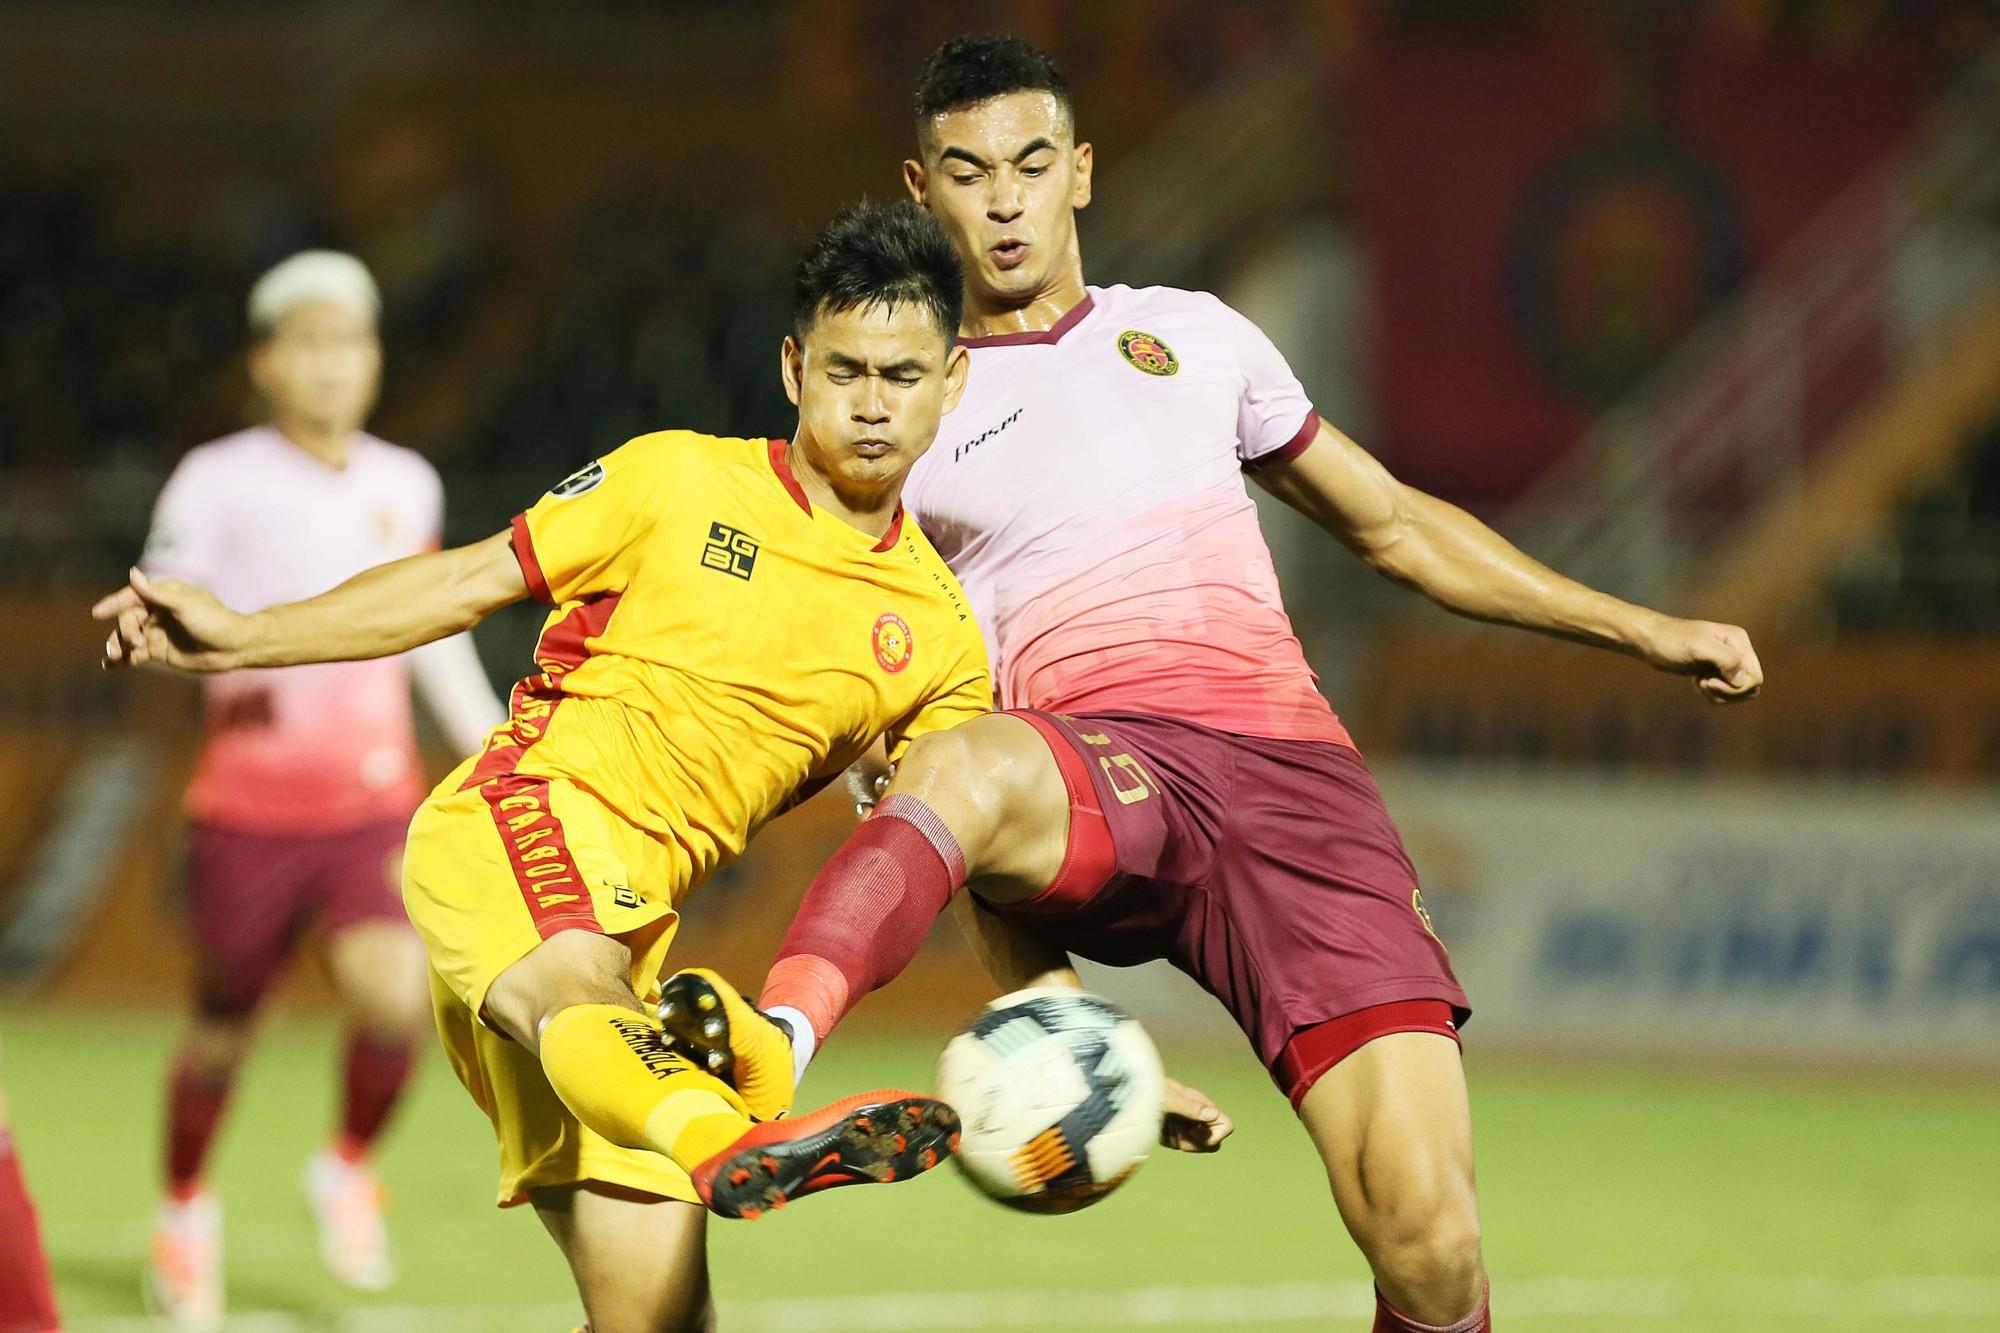 Cầu thủ Thanh Hoá khóc nức nở sau trận thua Sài Gòn FC - Ảnh 1.